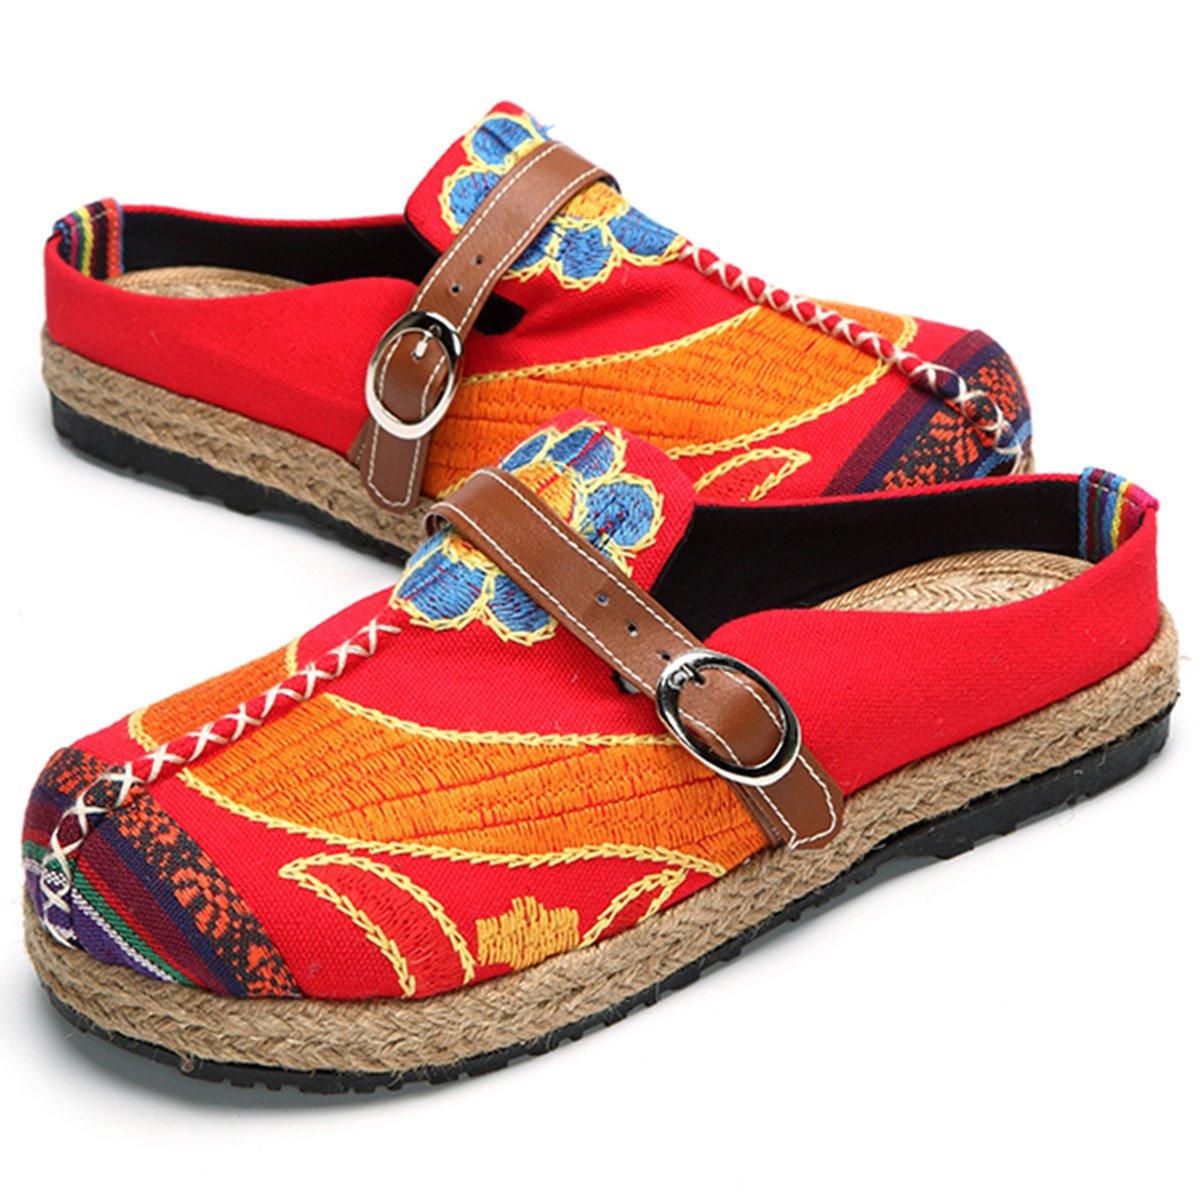 Gracosy Walking Slip-On, Sandalias Mules Para Mujeres Zapatos de Playa Coloridos Bordados Ocio Al Aire Libre Zuecos de Jardín Home slipers Zapatillas Planas Mujeres Zapatillas GRACOSYmukidass1013